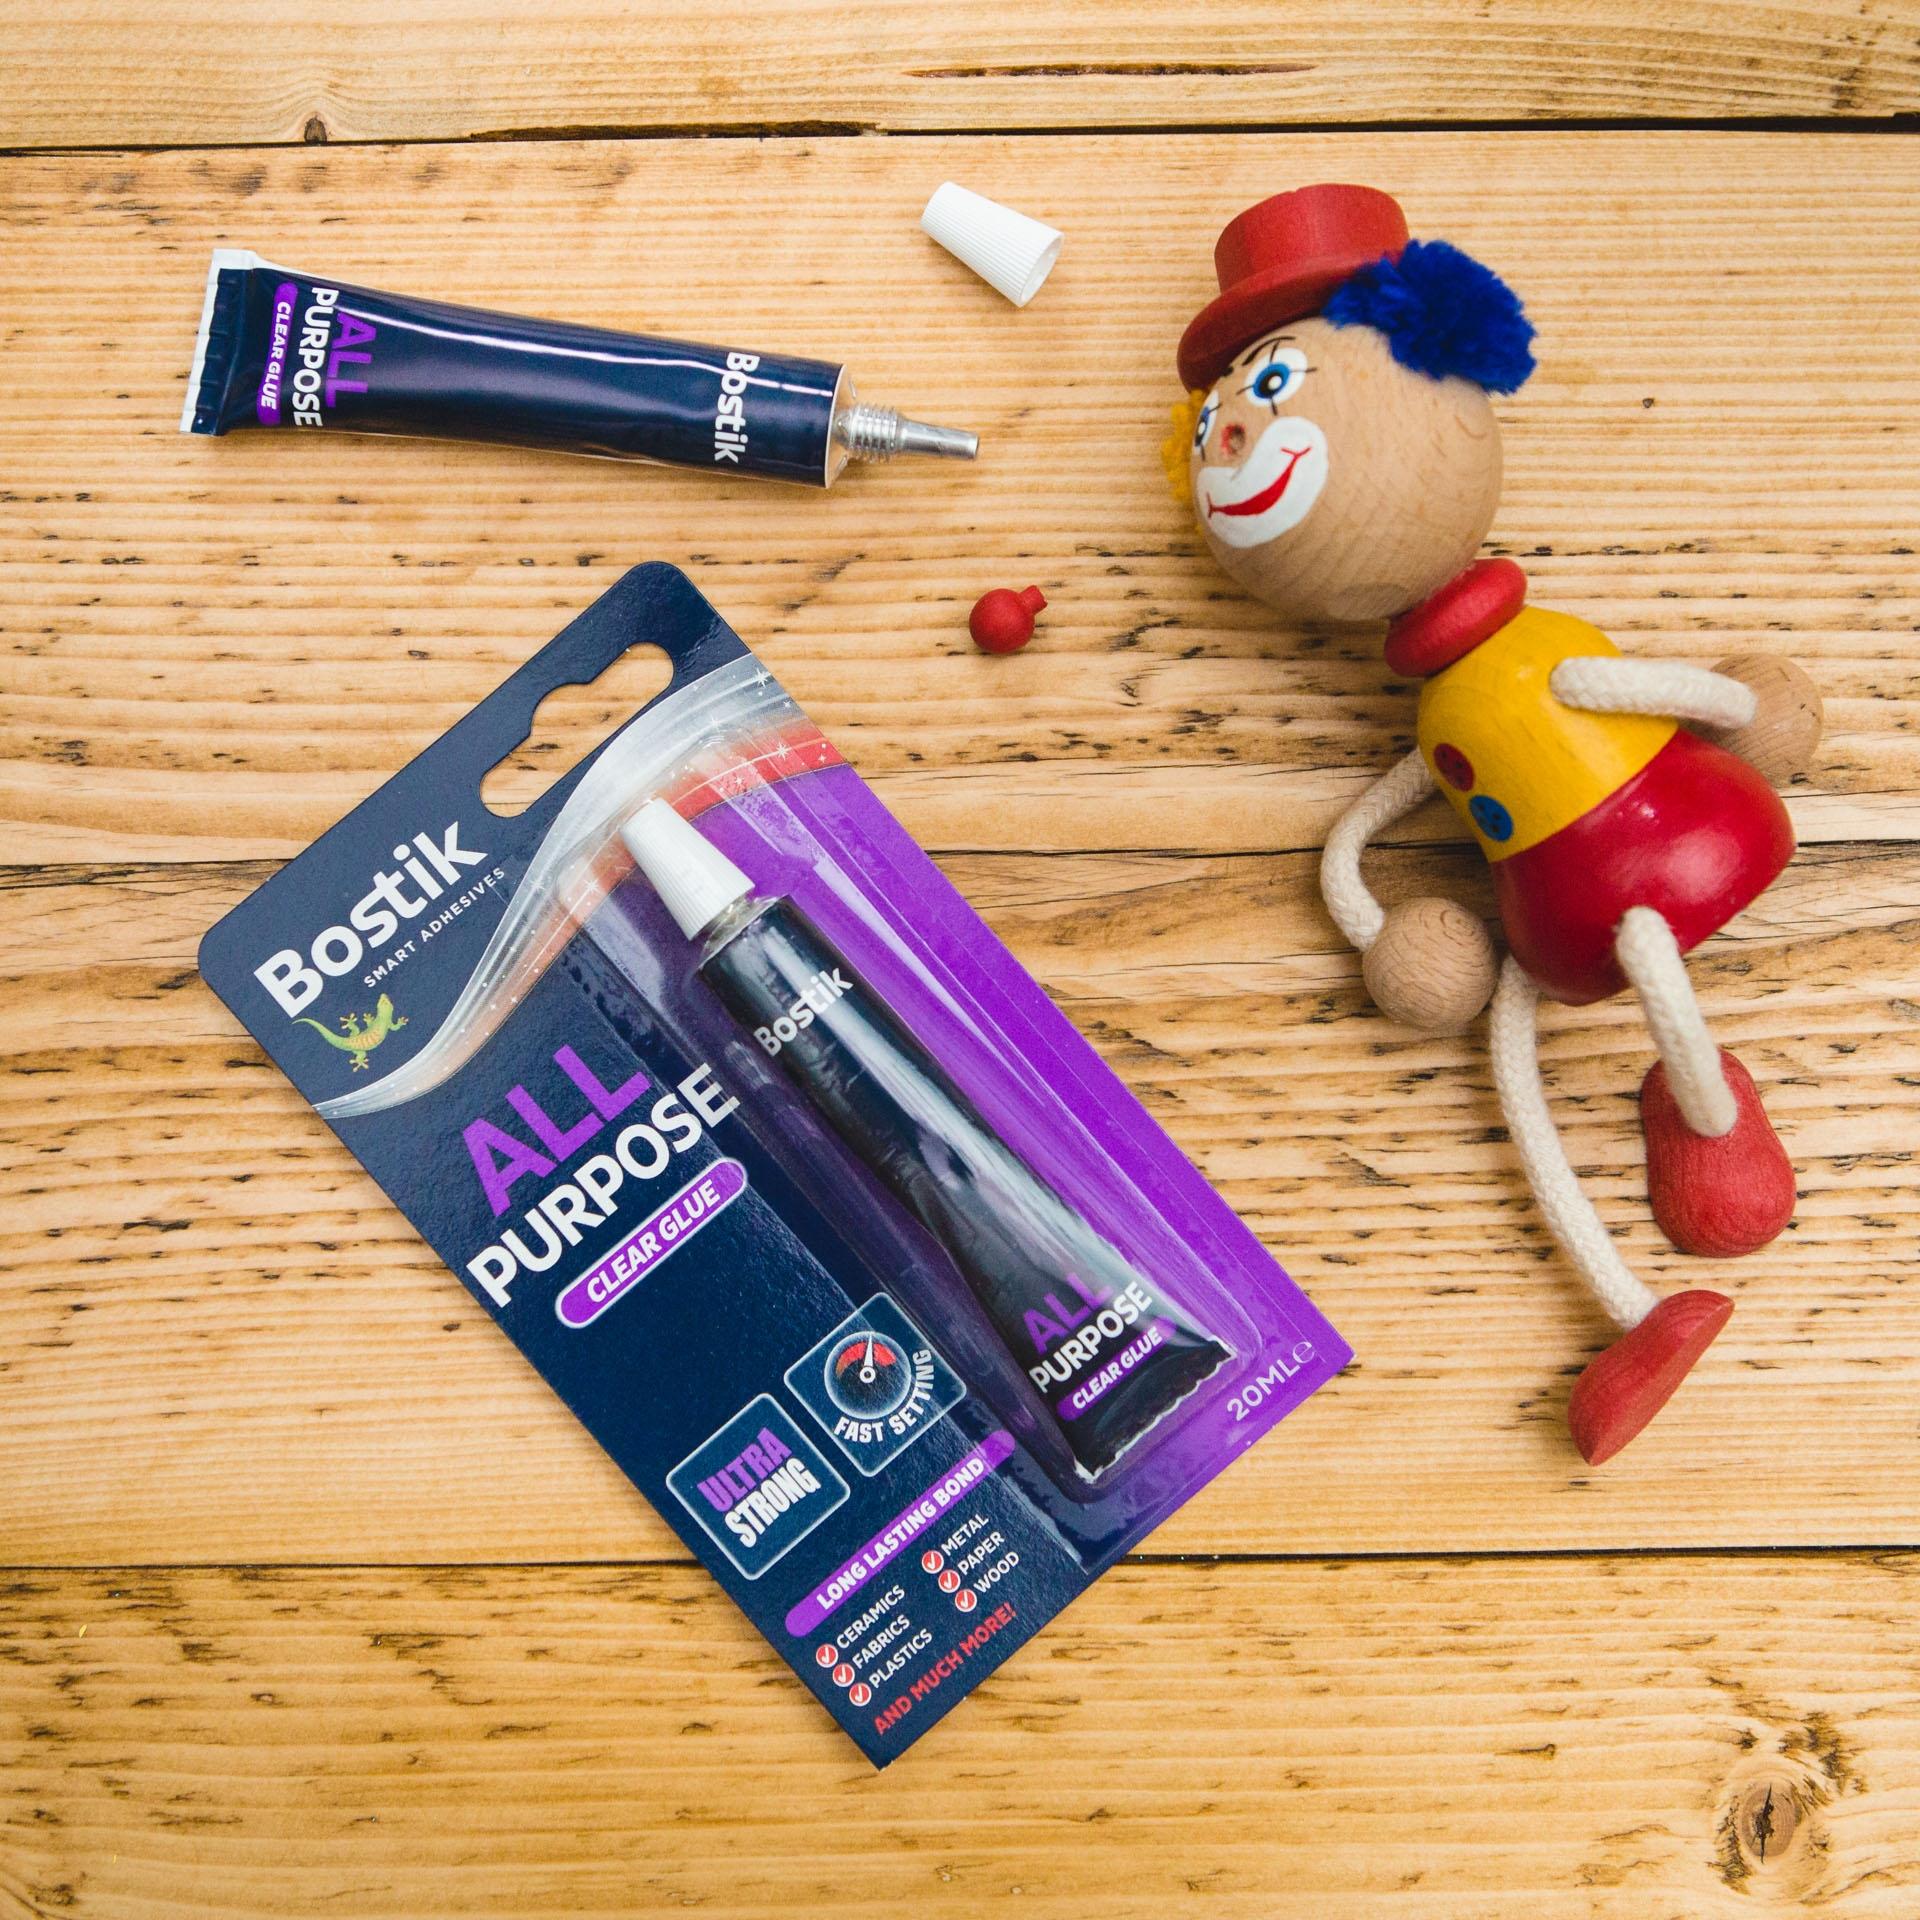 Bostik DIY All Purpose United Kingdom Impression